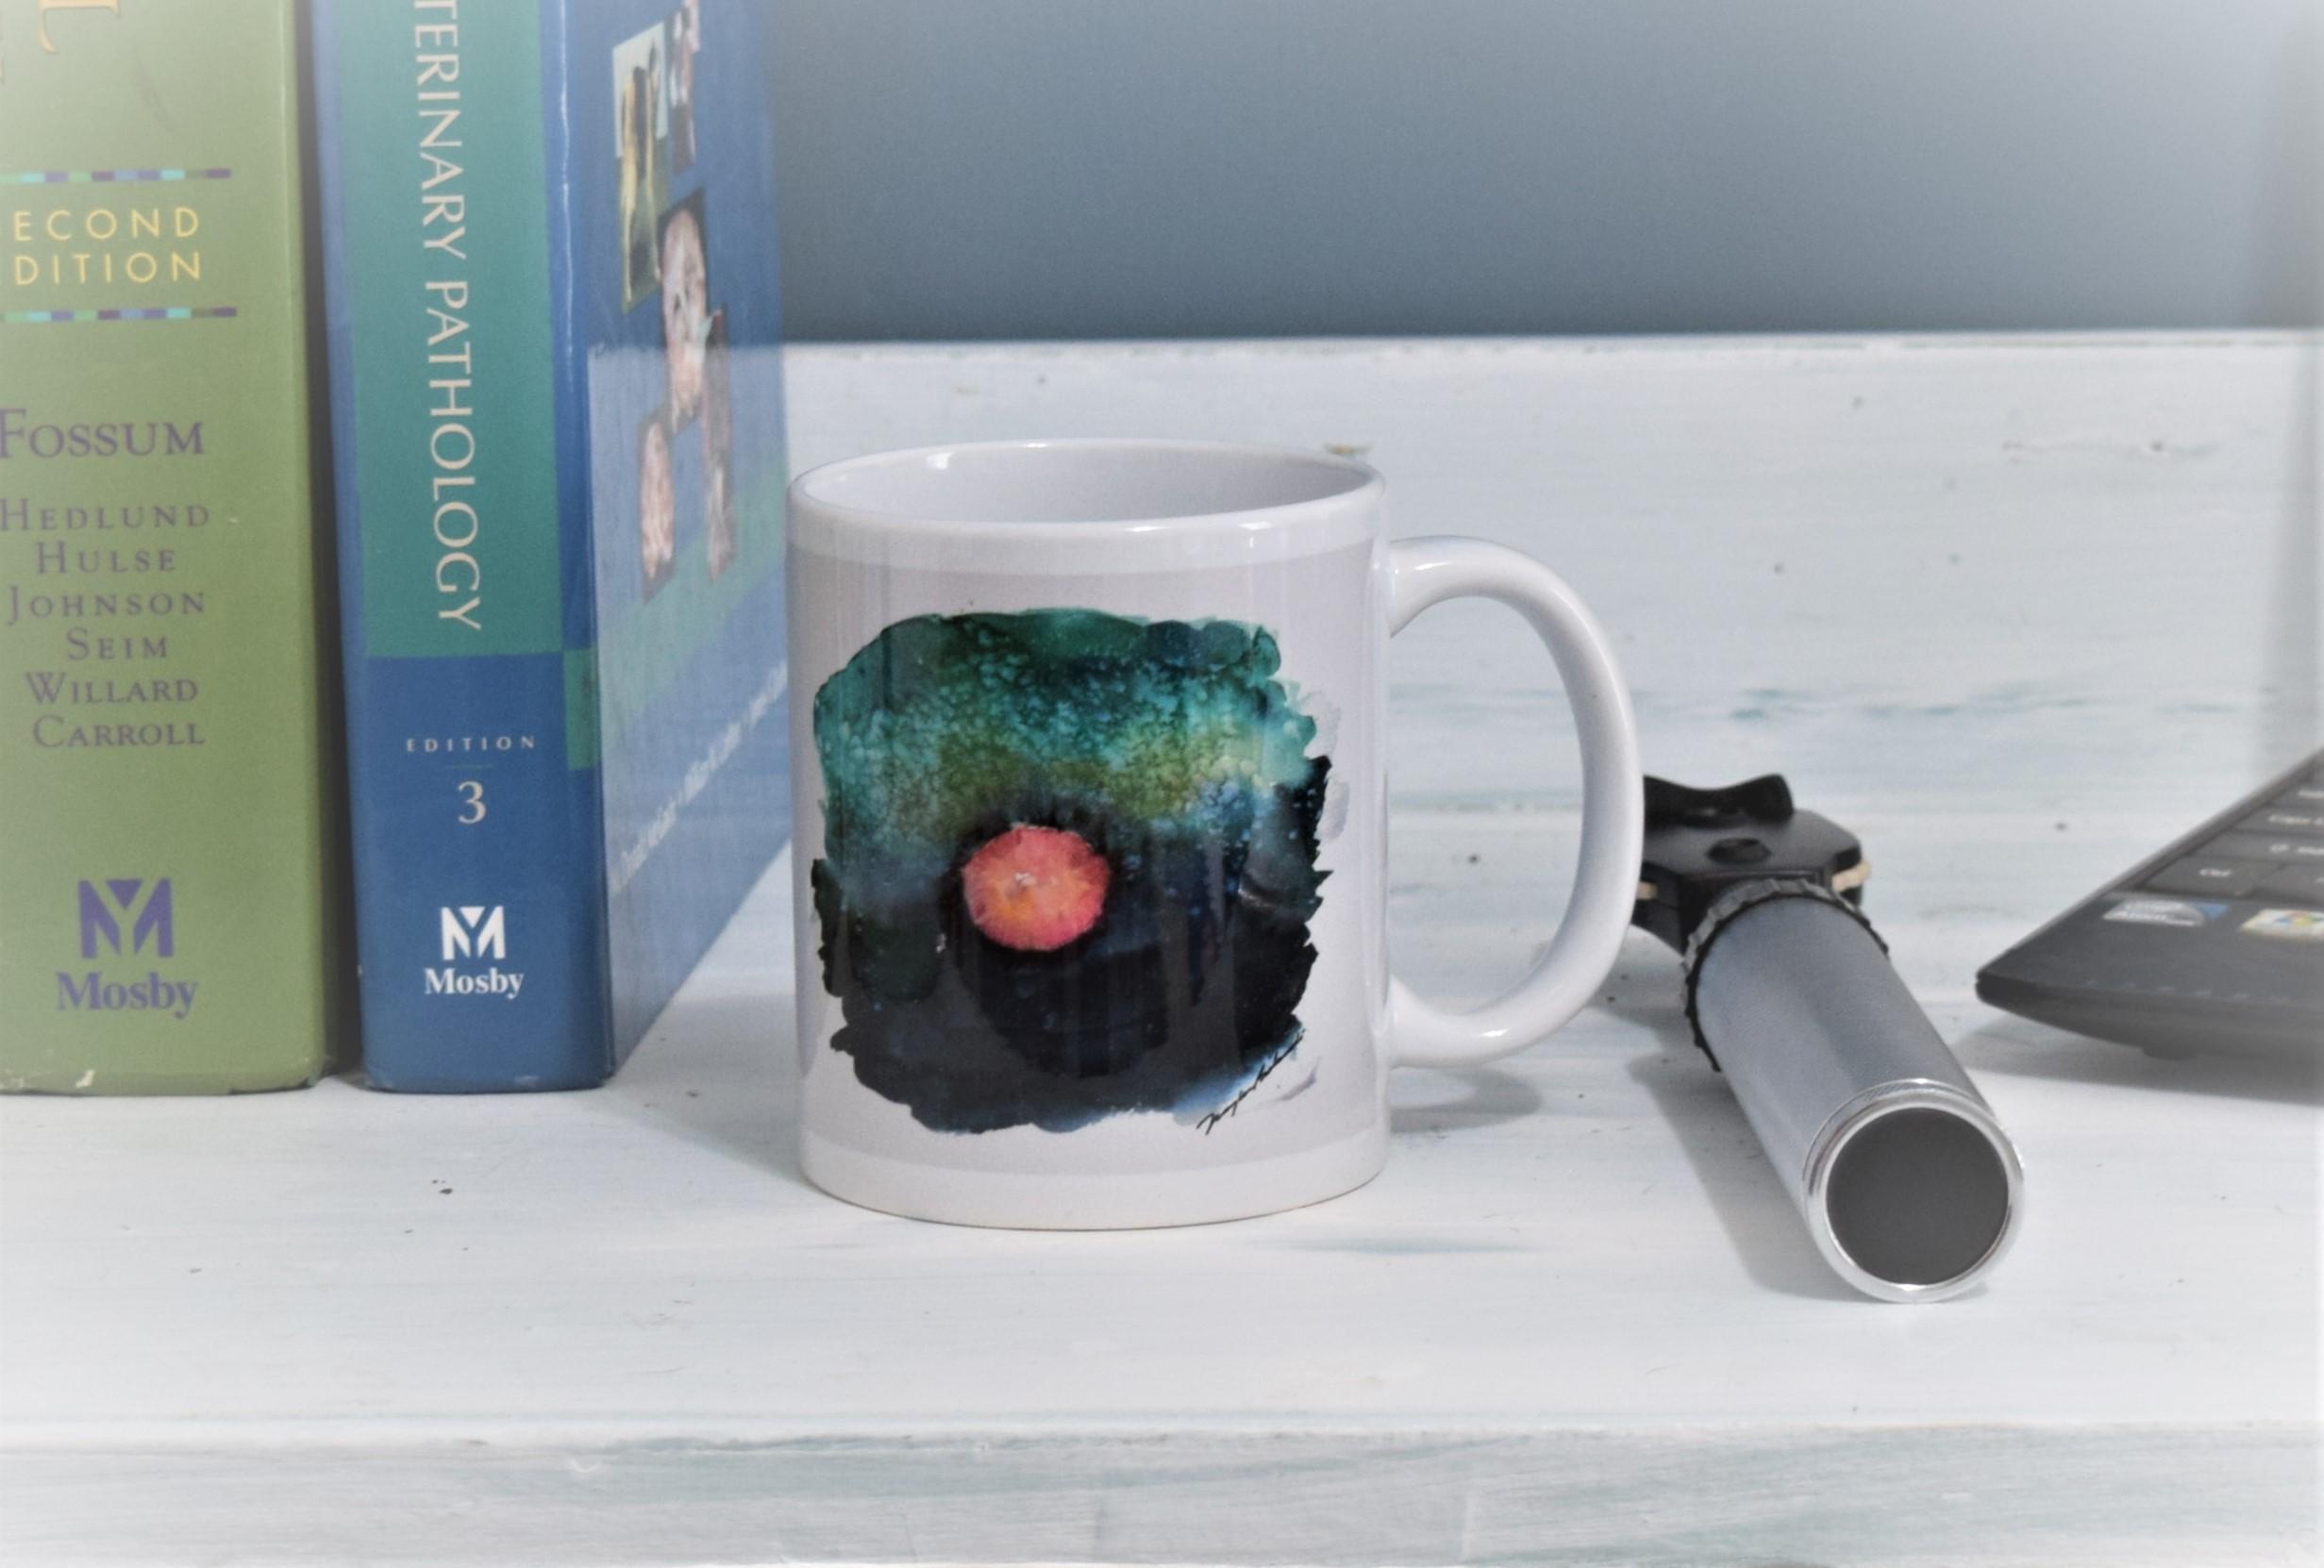 eq retina mug